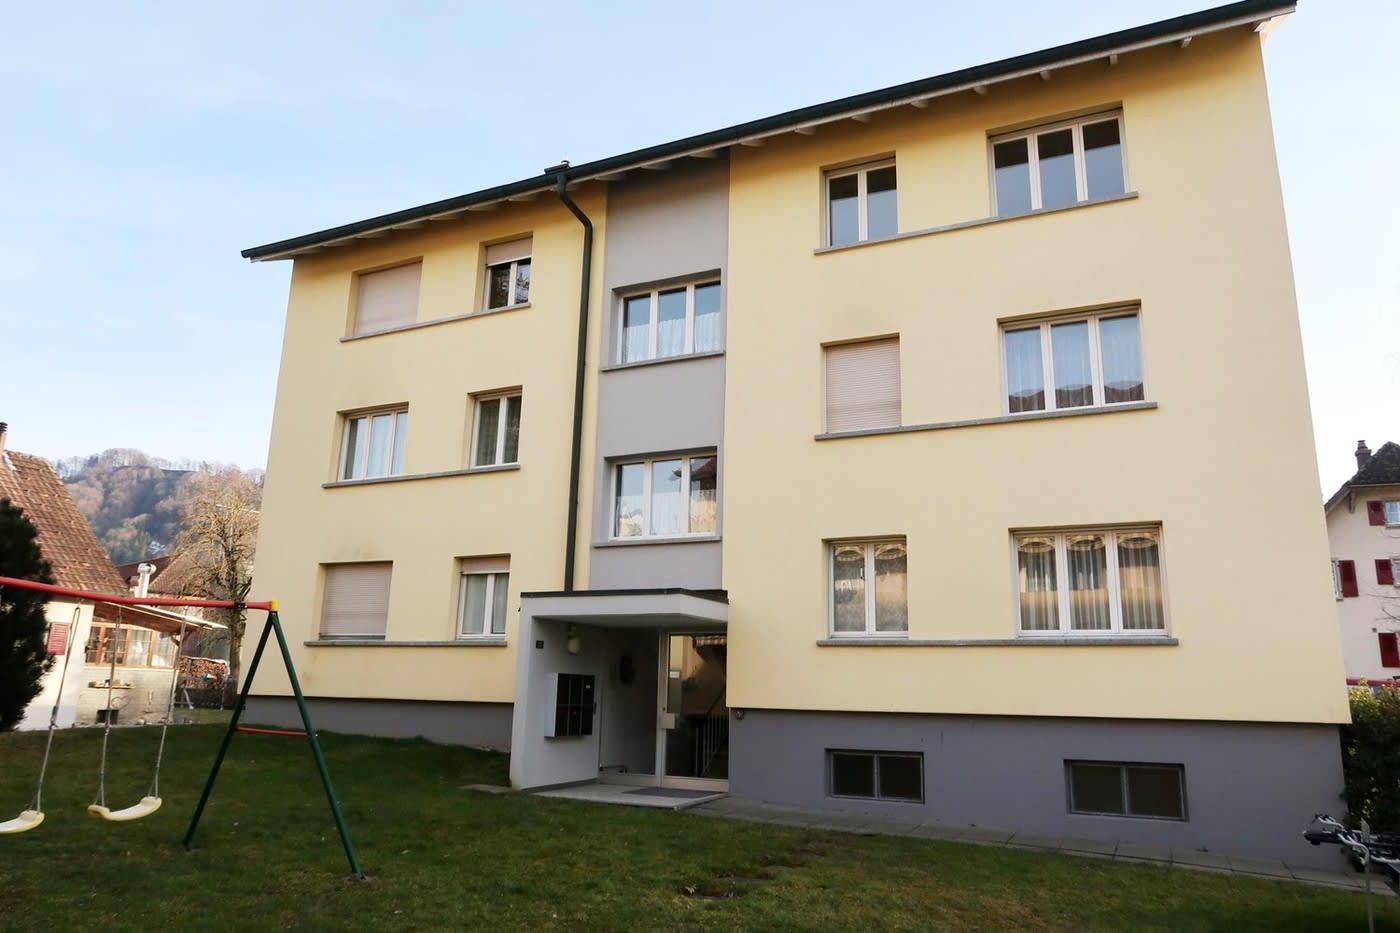 Hohburgstrasse 19